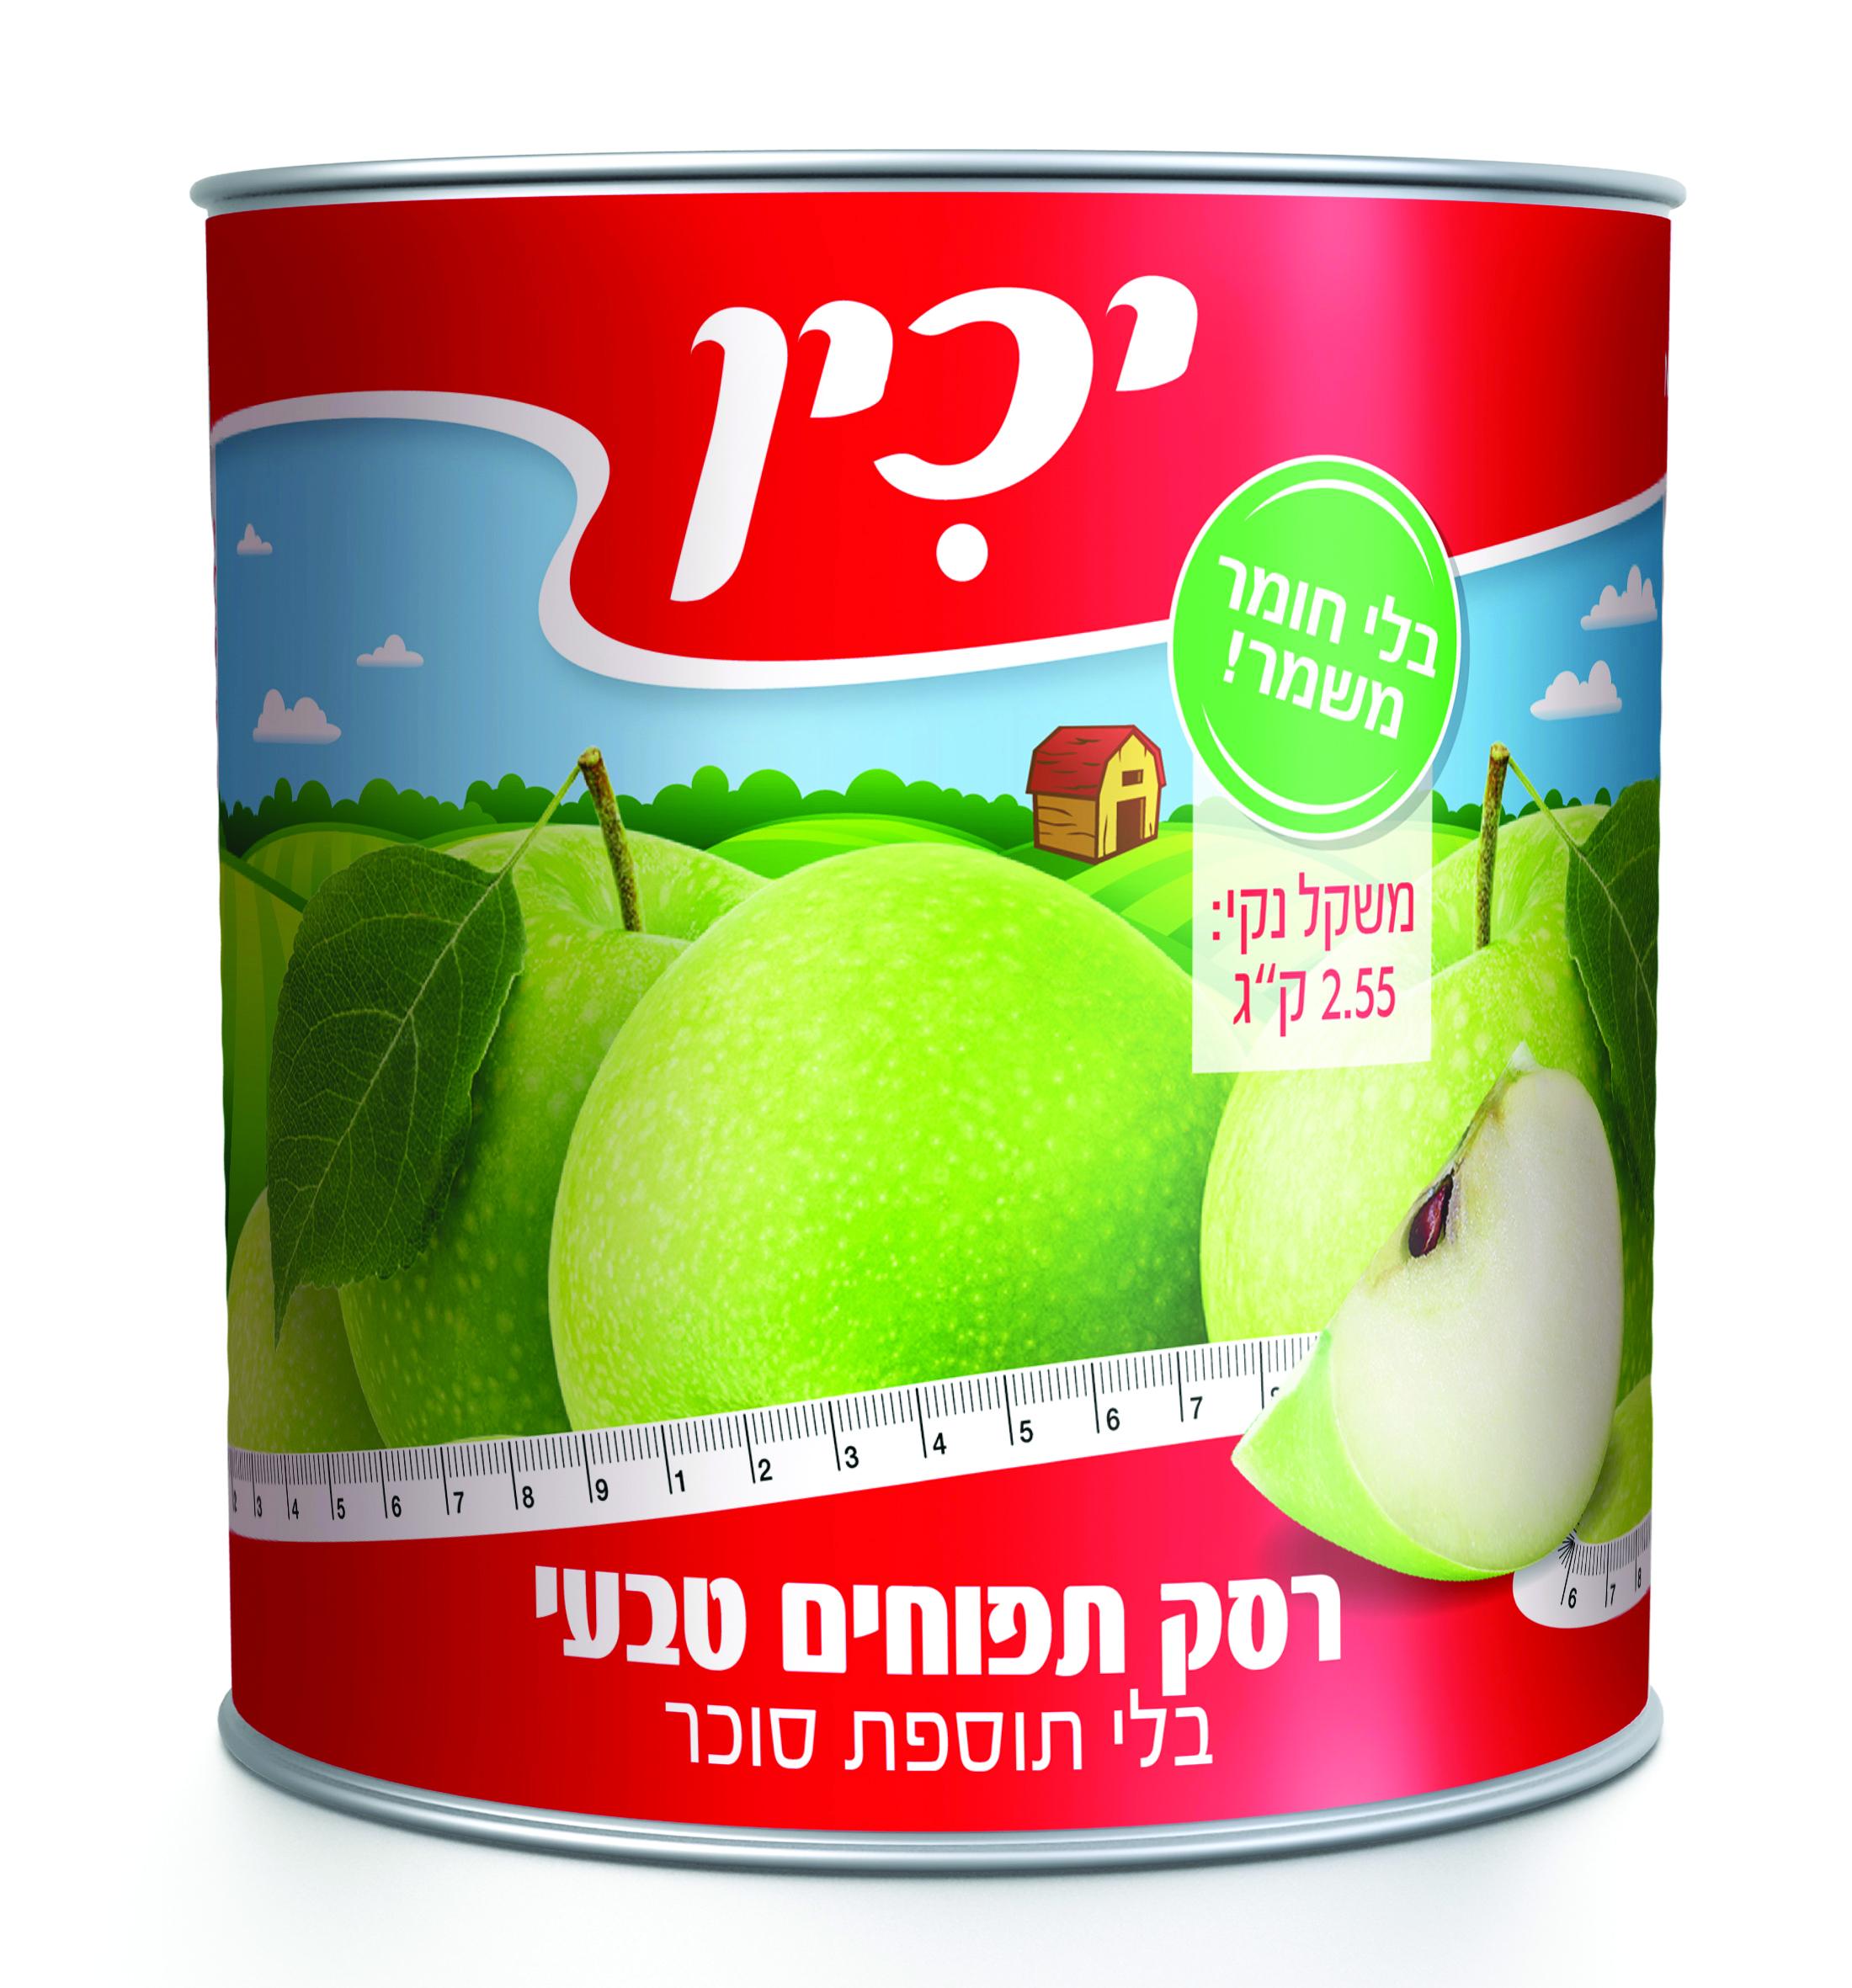 רסק תפוחים טבעי ללא סוכר יכין